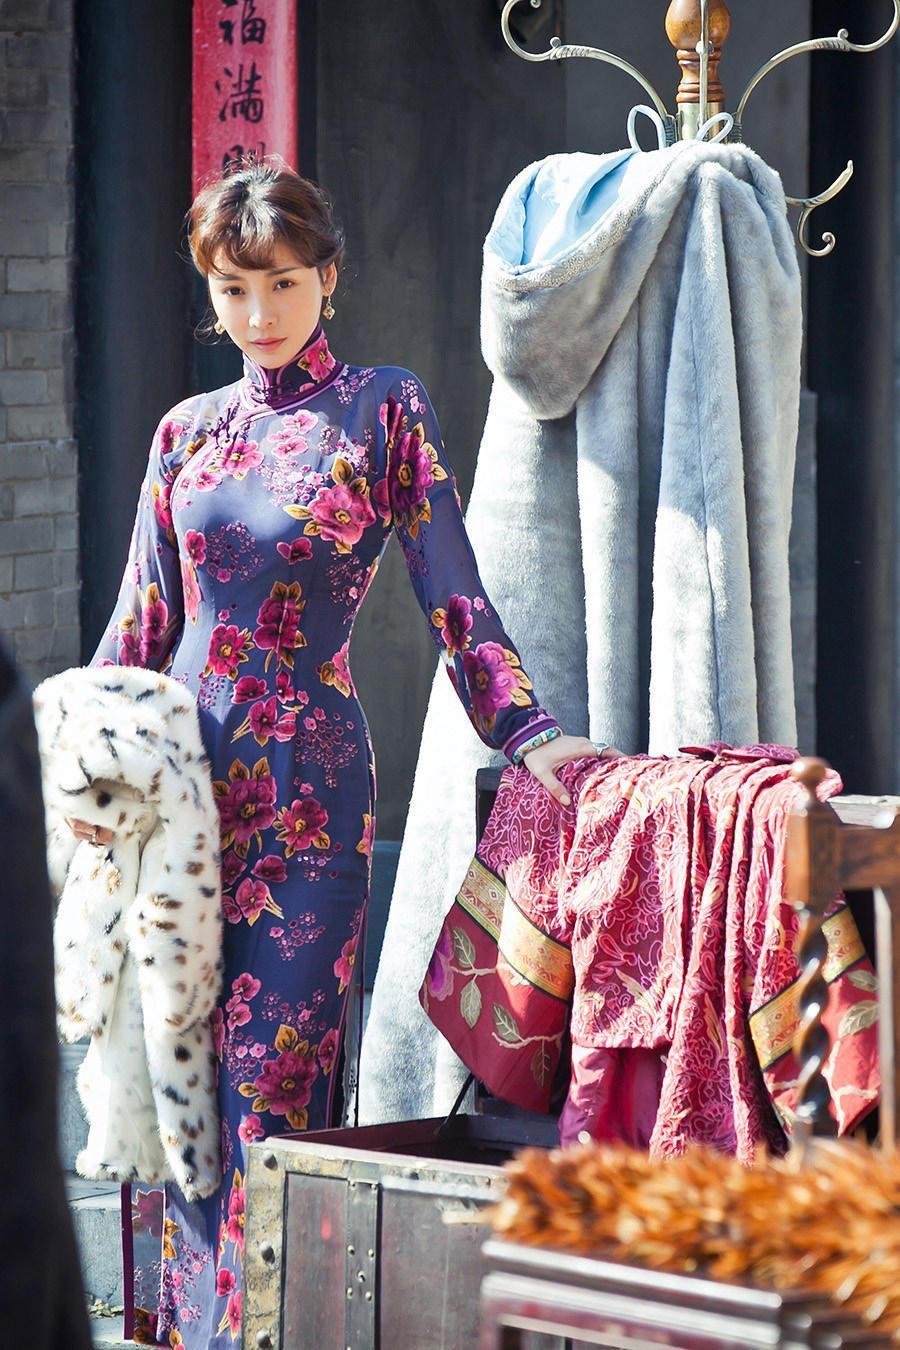 柳岩把中国旗袍穿出了新高度,堪称最美旗袍秀